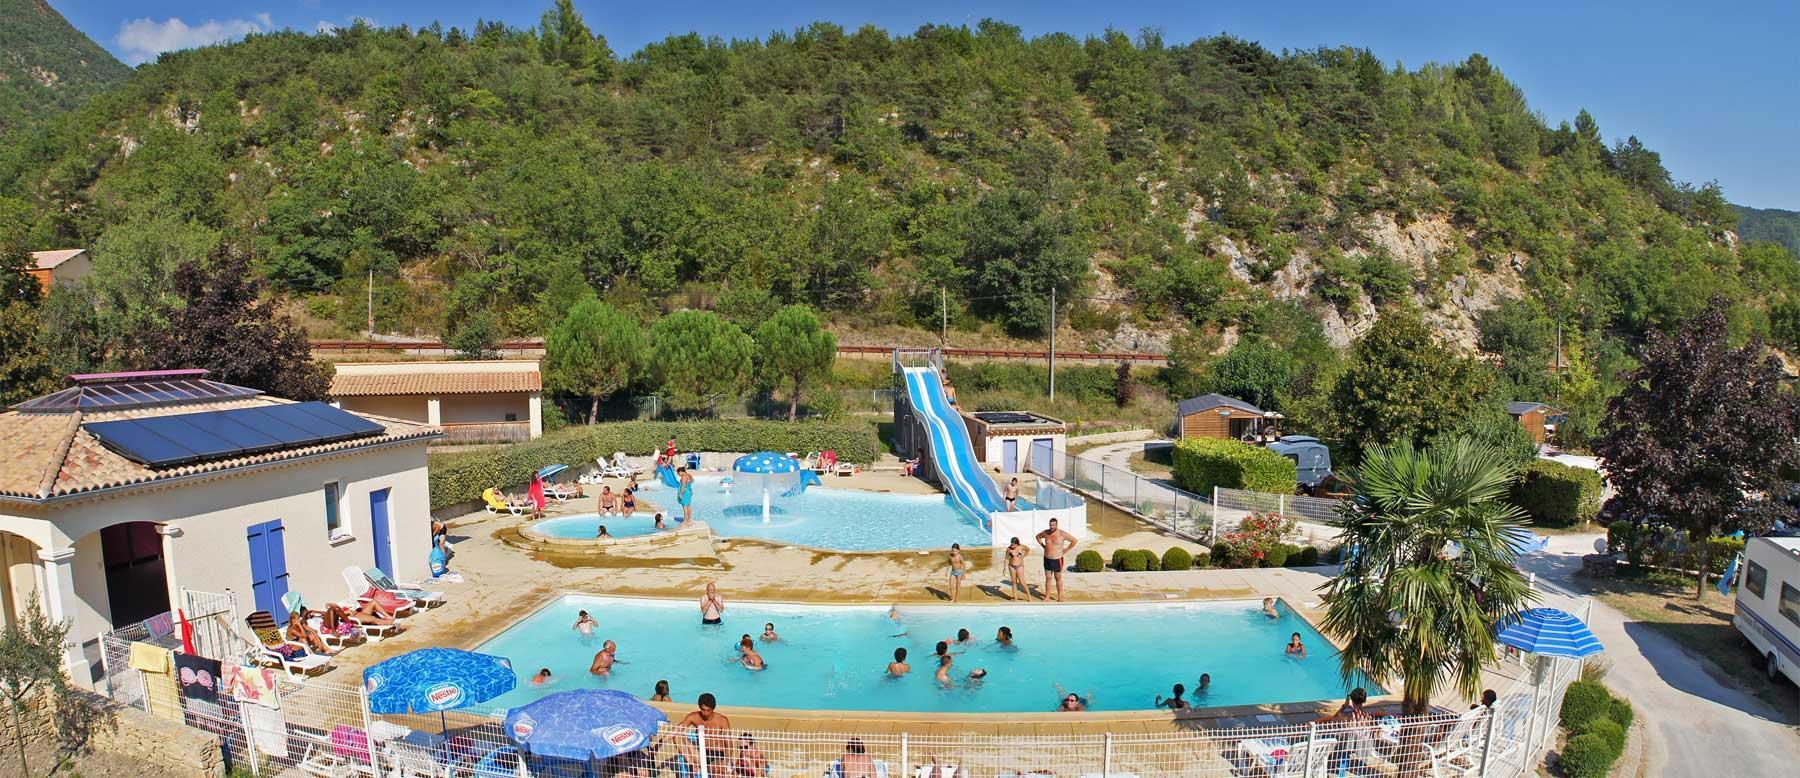 Camping le Pilat, Saint-Ferreol-Trente-Pas, Drôme